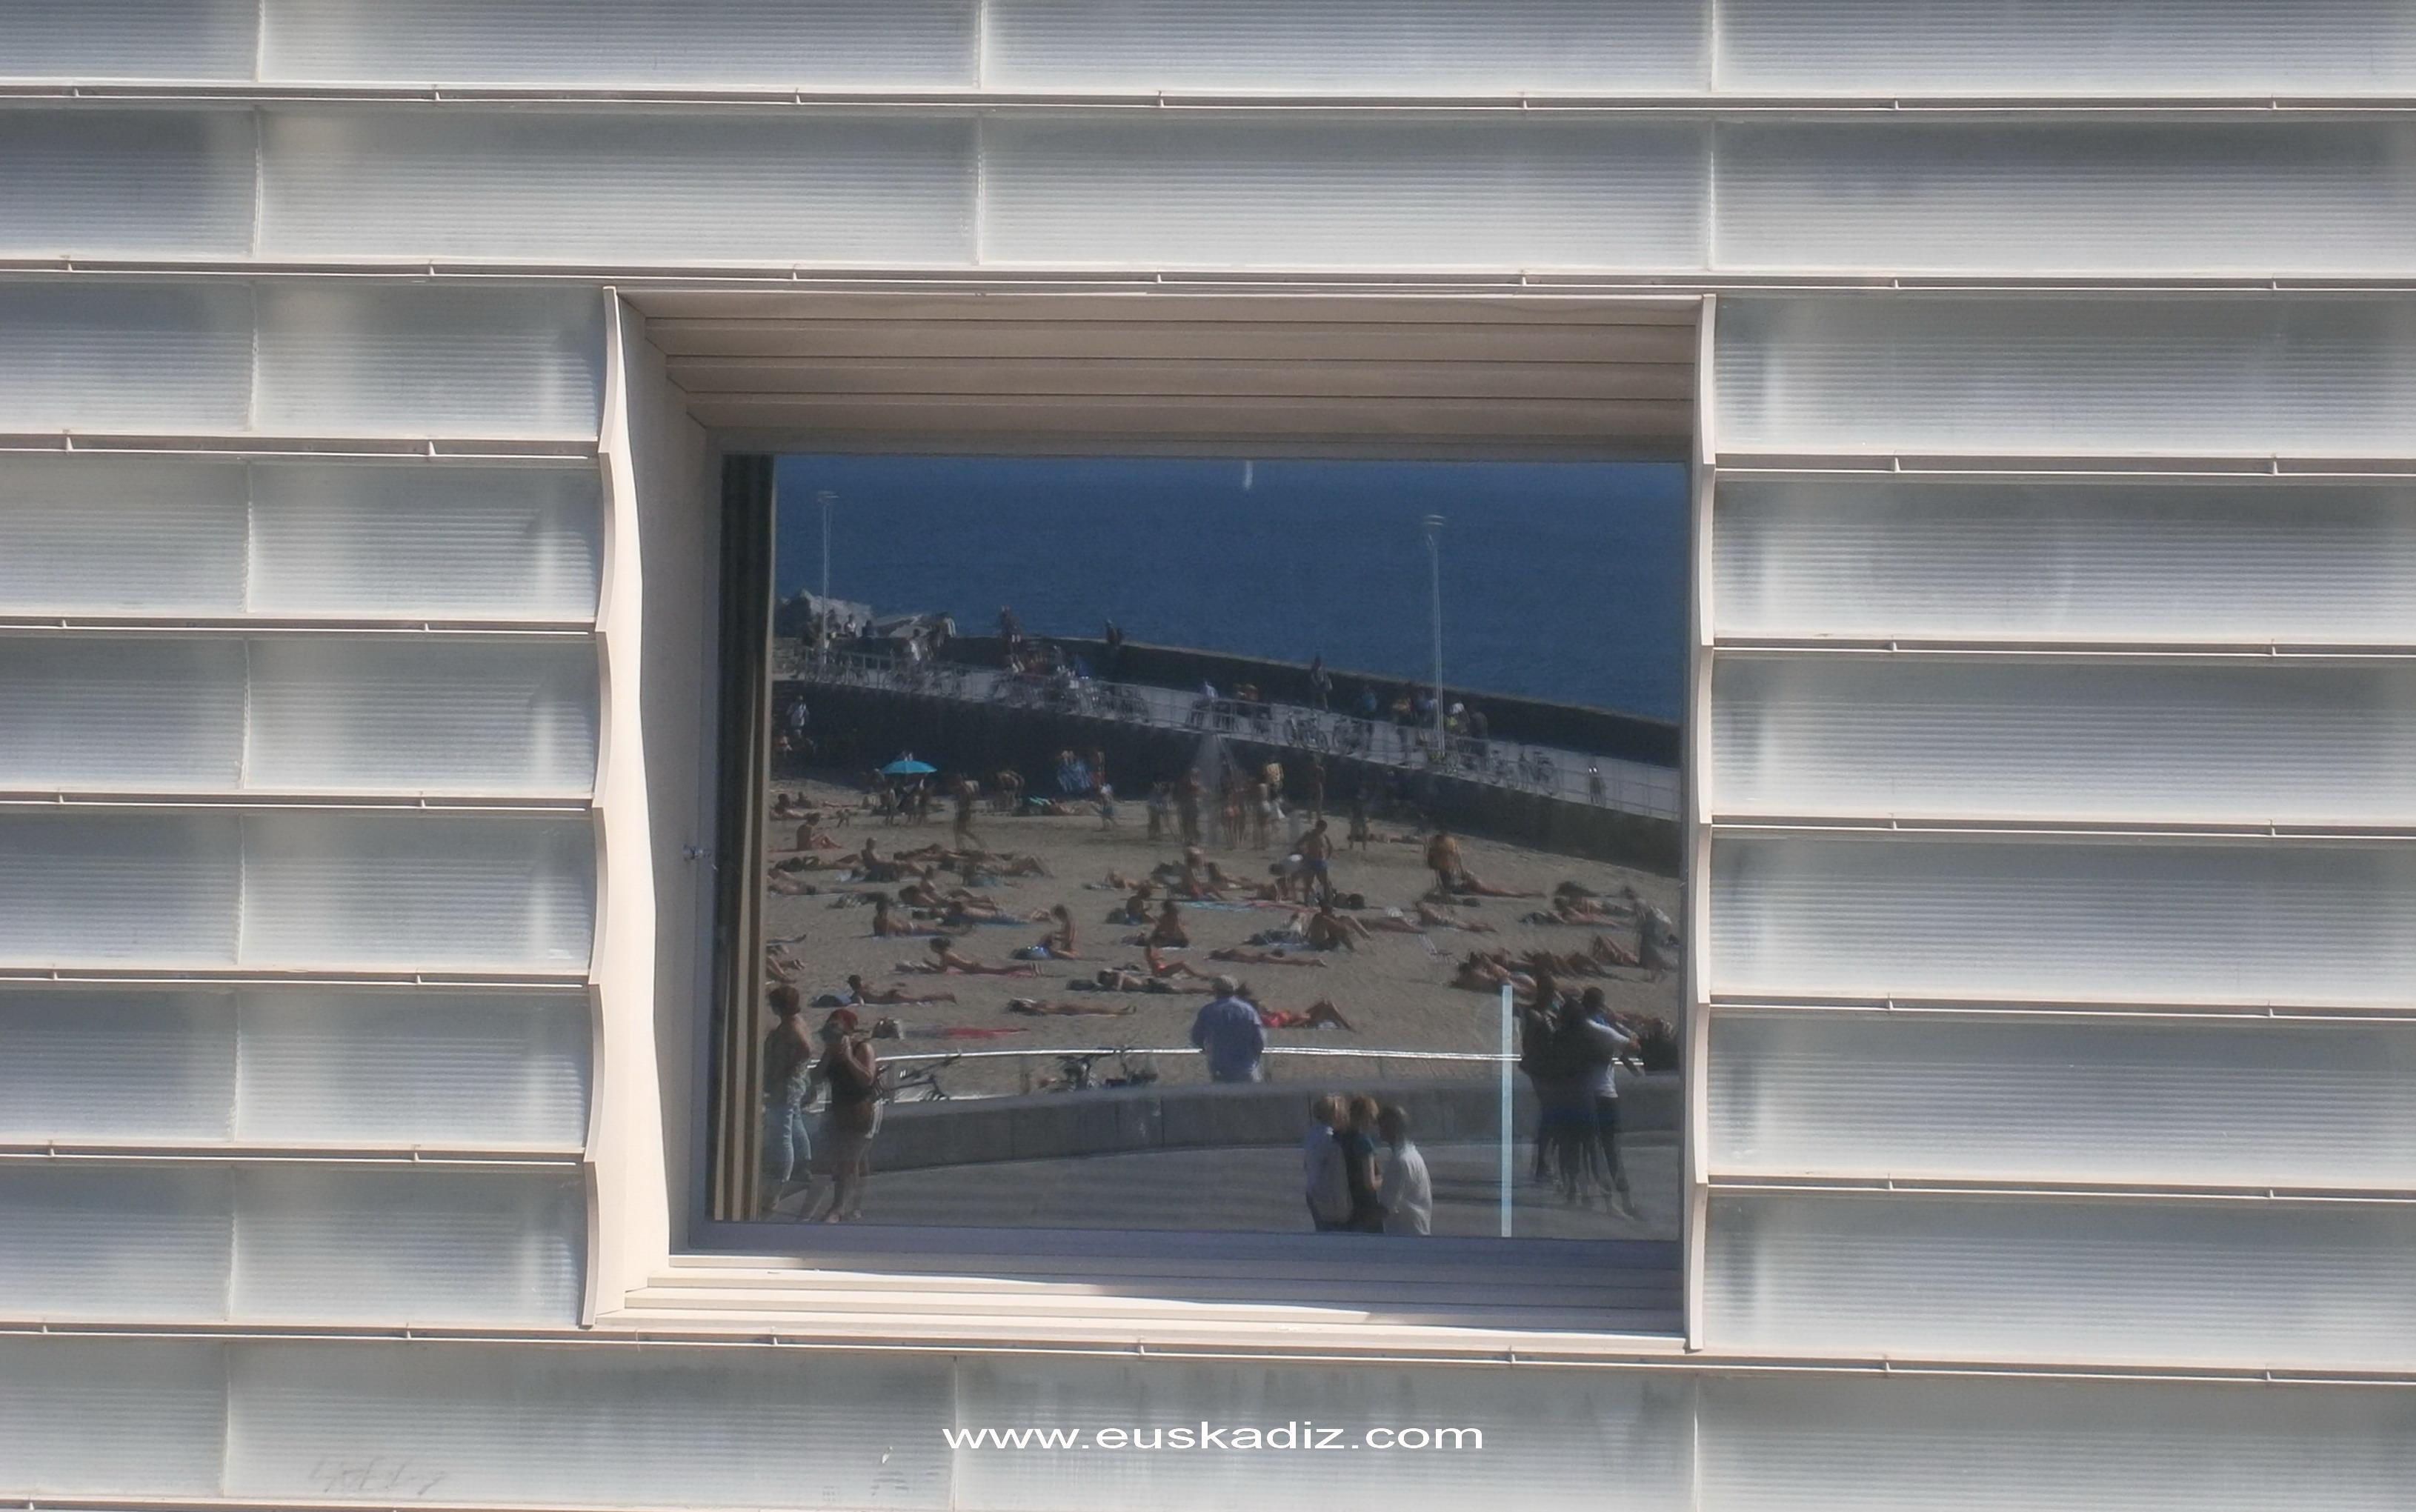 La playa de la Zurriola reflejada en los Cubos del Kursaal.